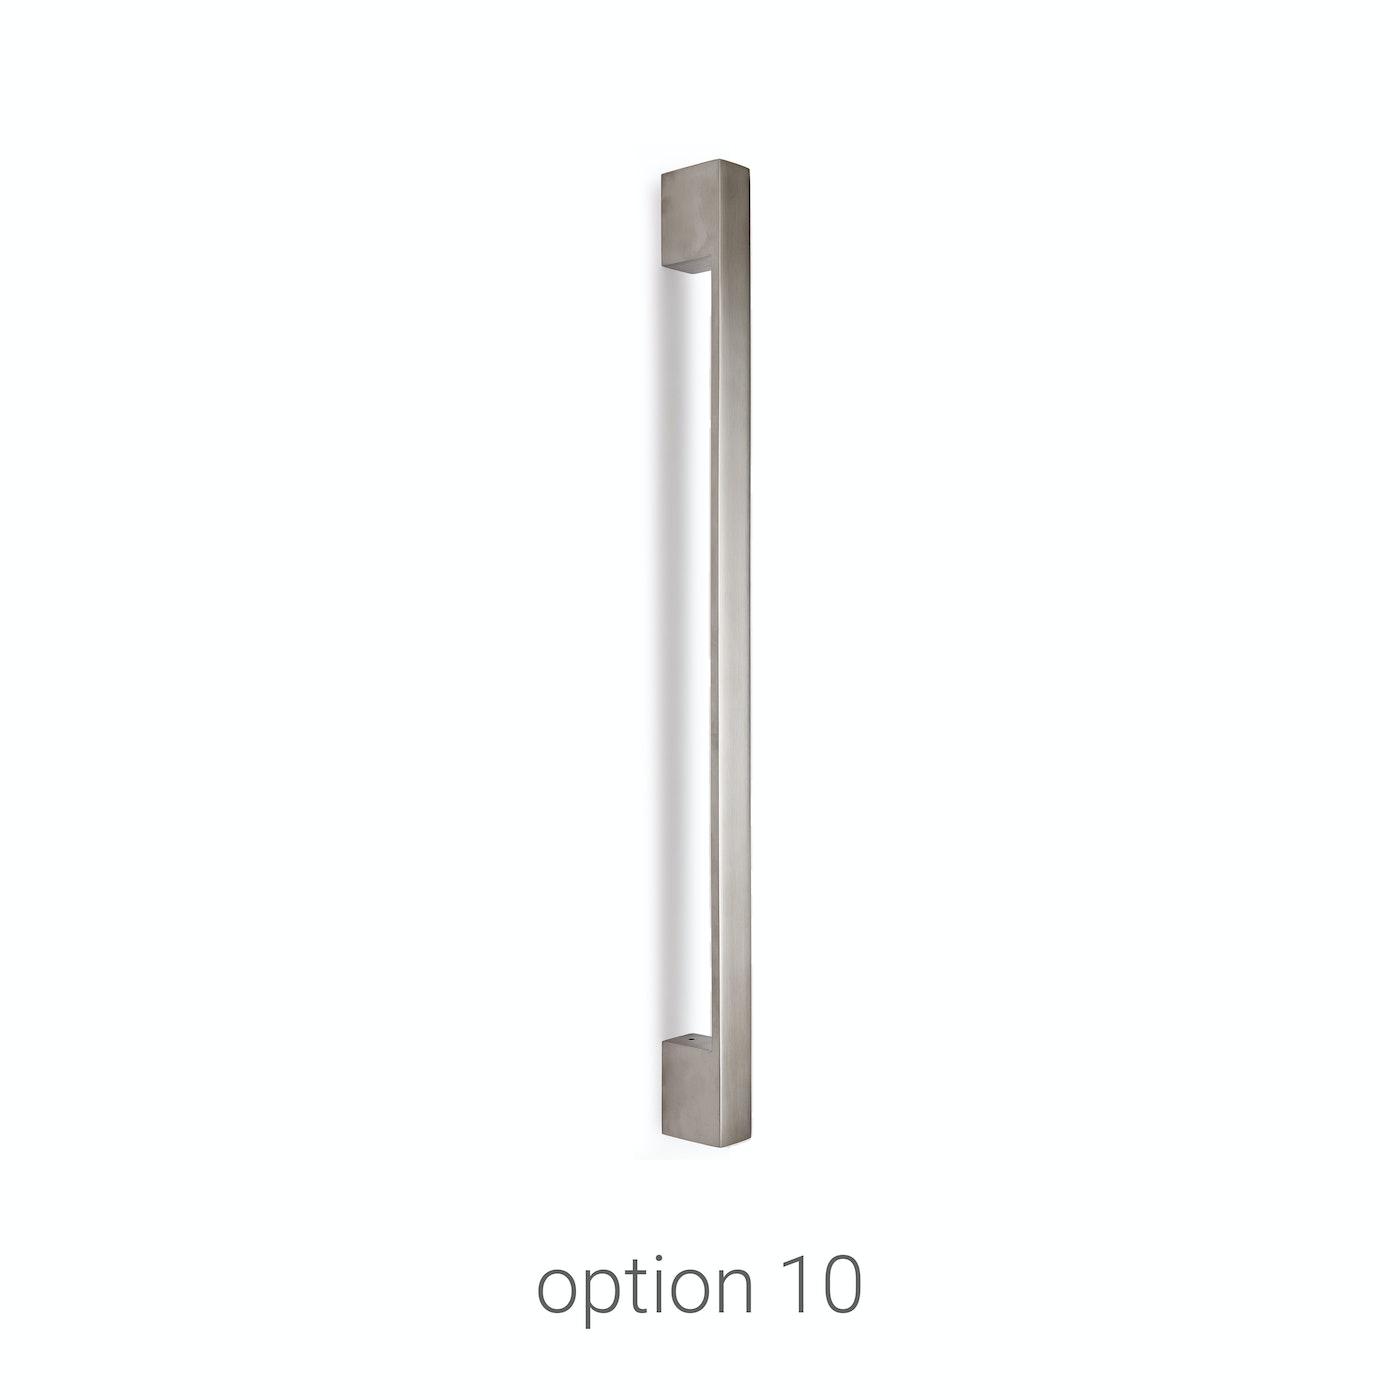 handles stainless steel door Urban Front option 10